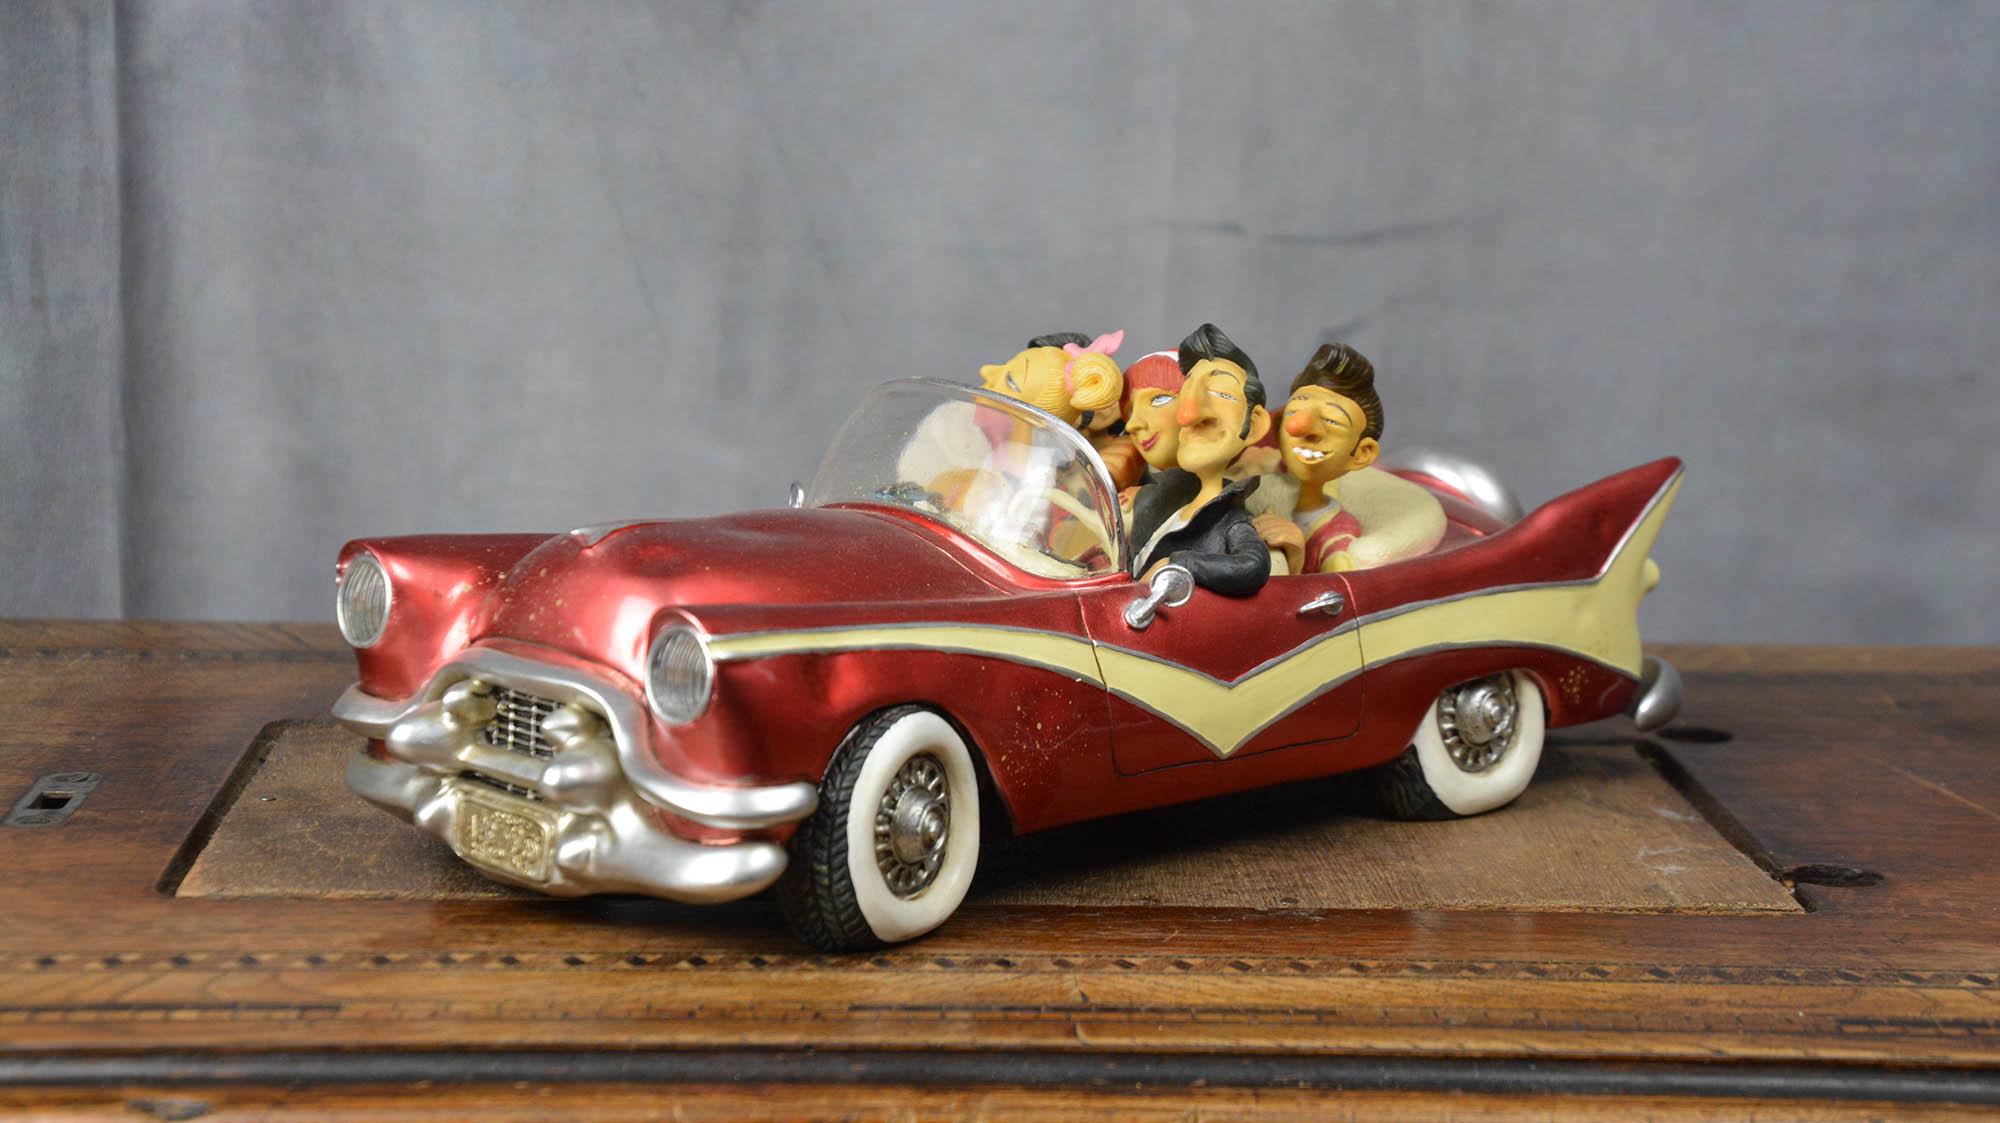 boutique figurine piece artisanale vehicule les 50 parodie